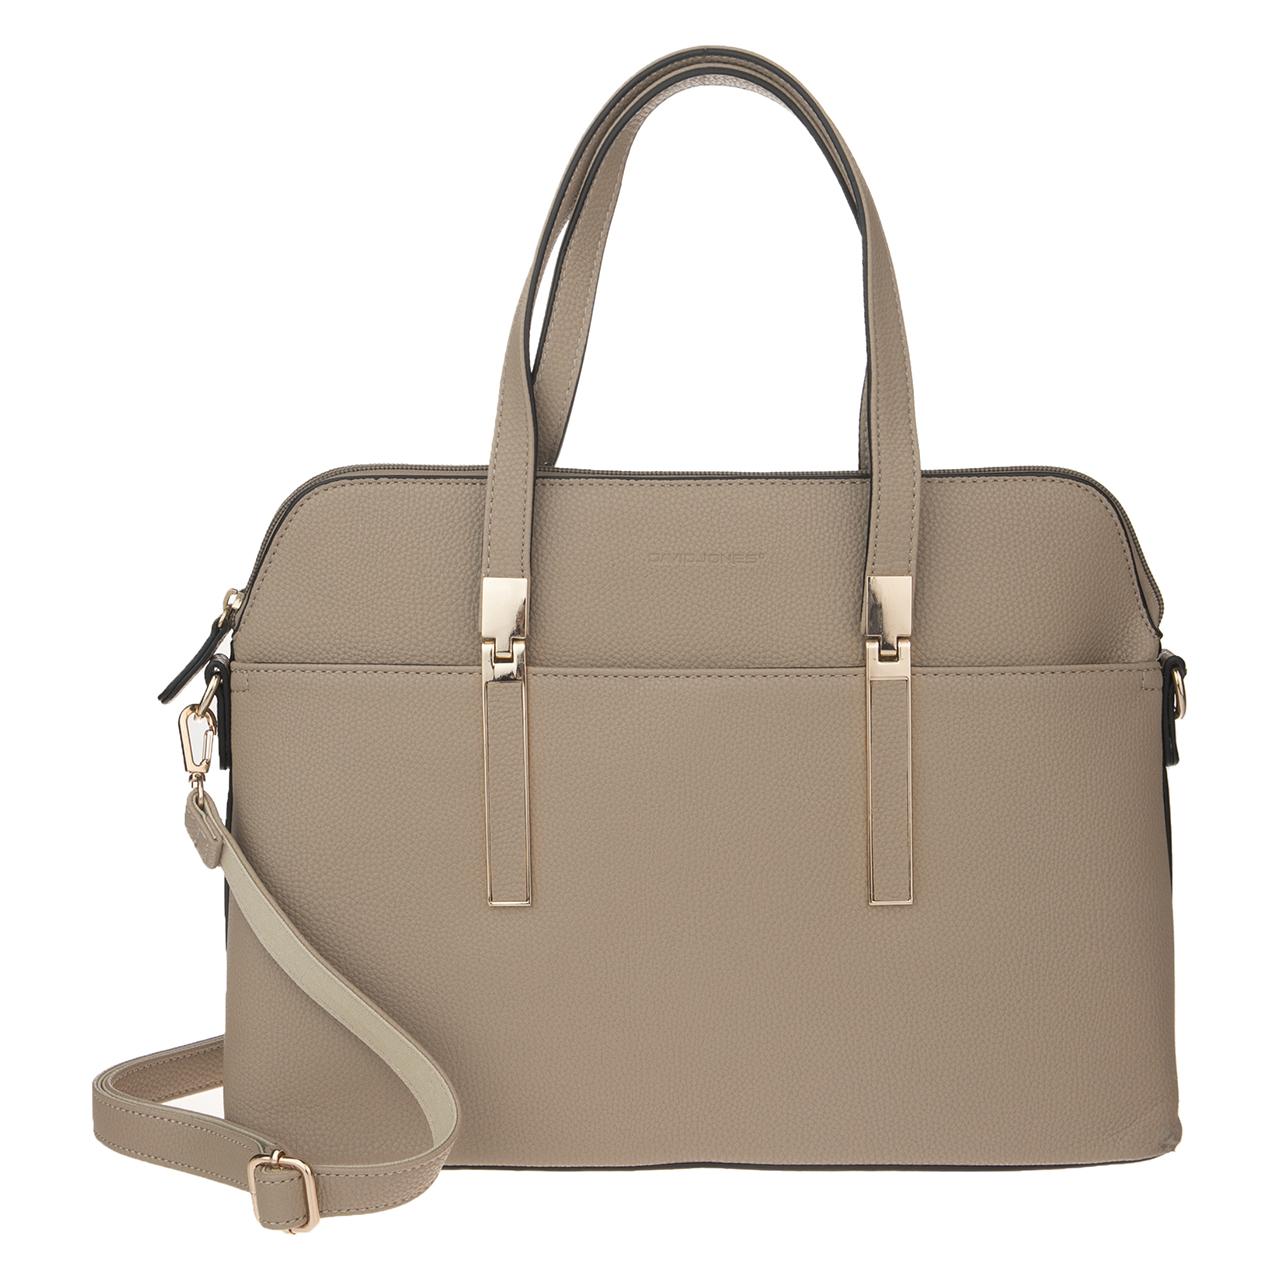 قیمت کیف دستی زنانه دیوید جونز مدل Nyc014